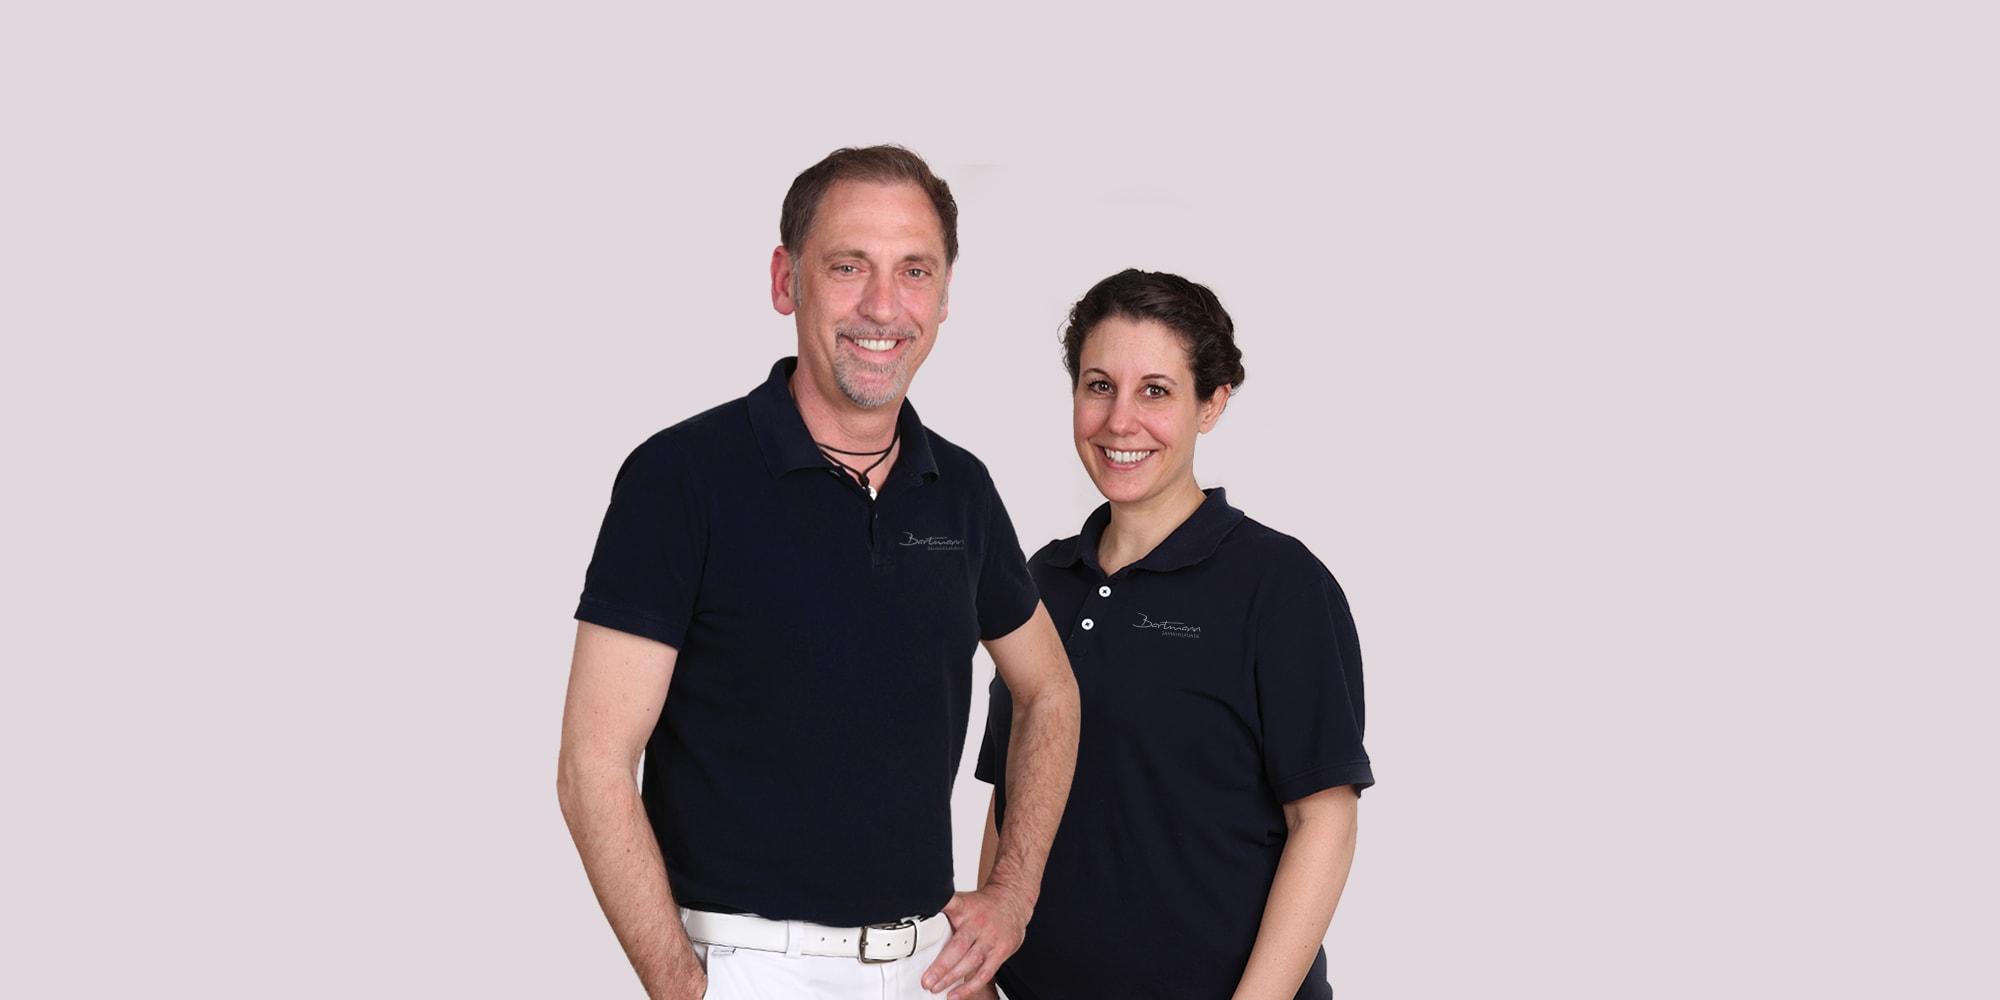 Zahnarzt Minden, Dr. Bartmann und Dr. Schwandt